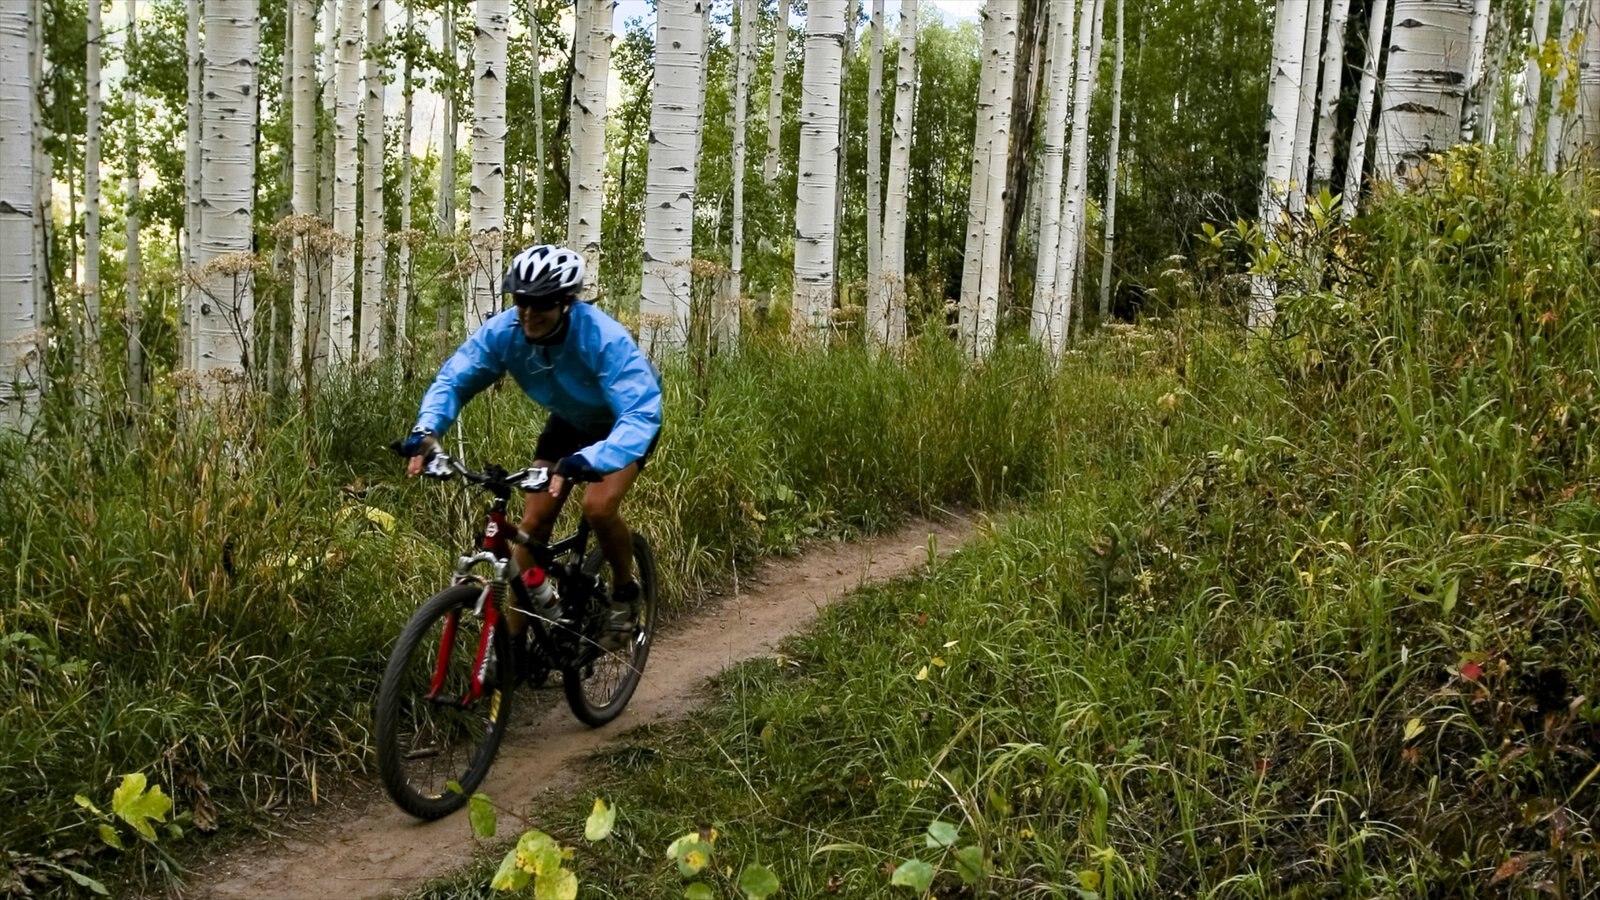 Vail - Beaver Creek mostrando mountain bike e cenas de floresta assim como um homem sozinho